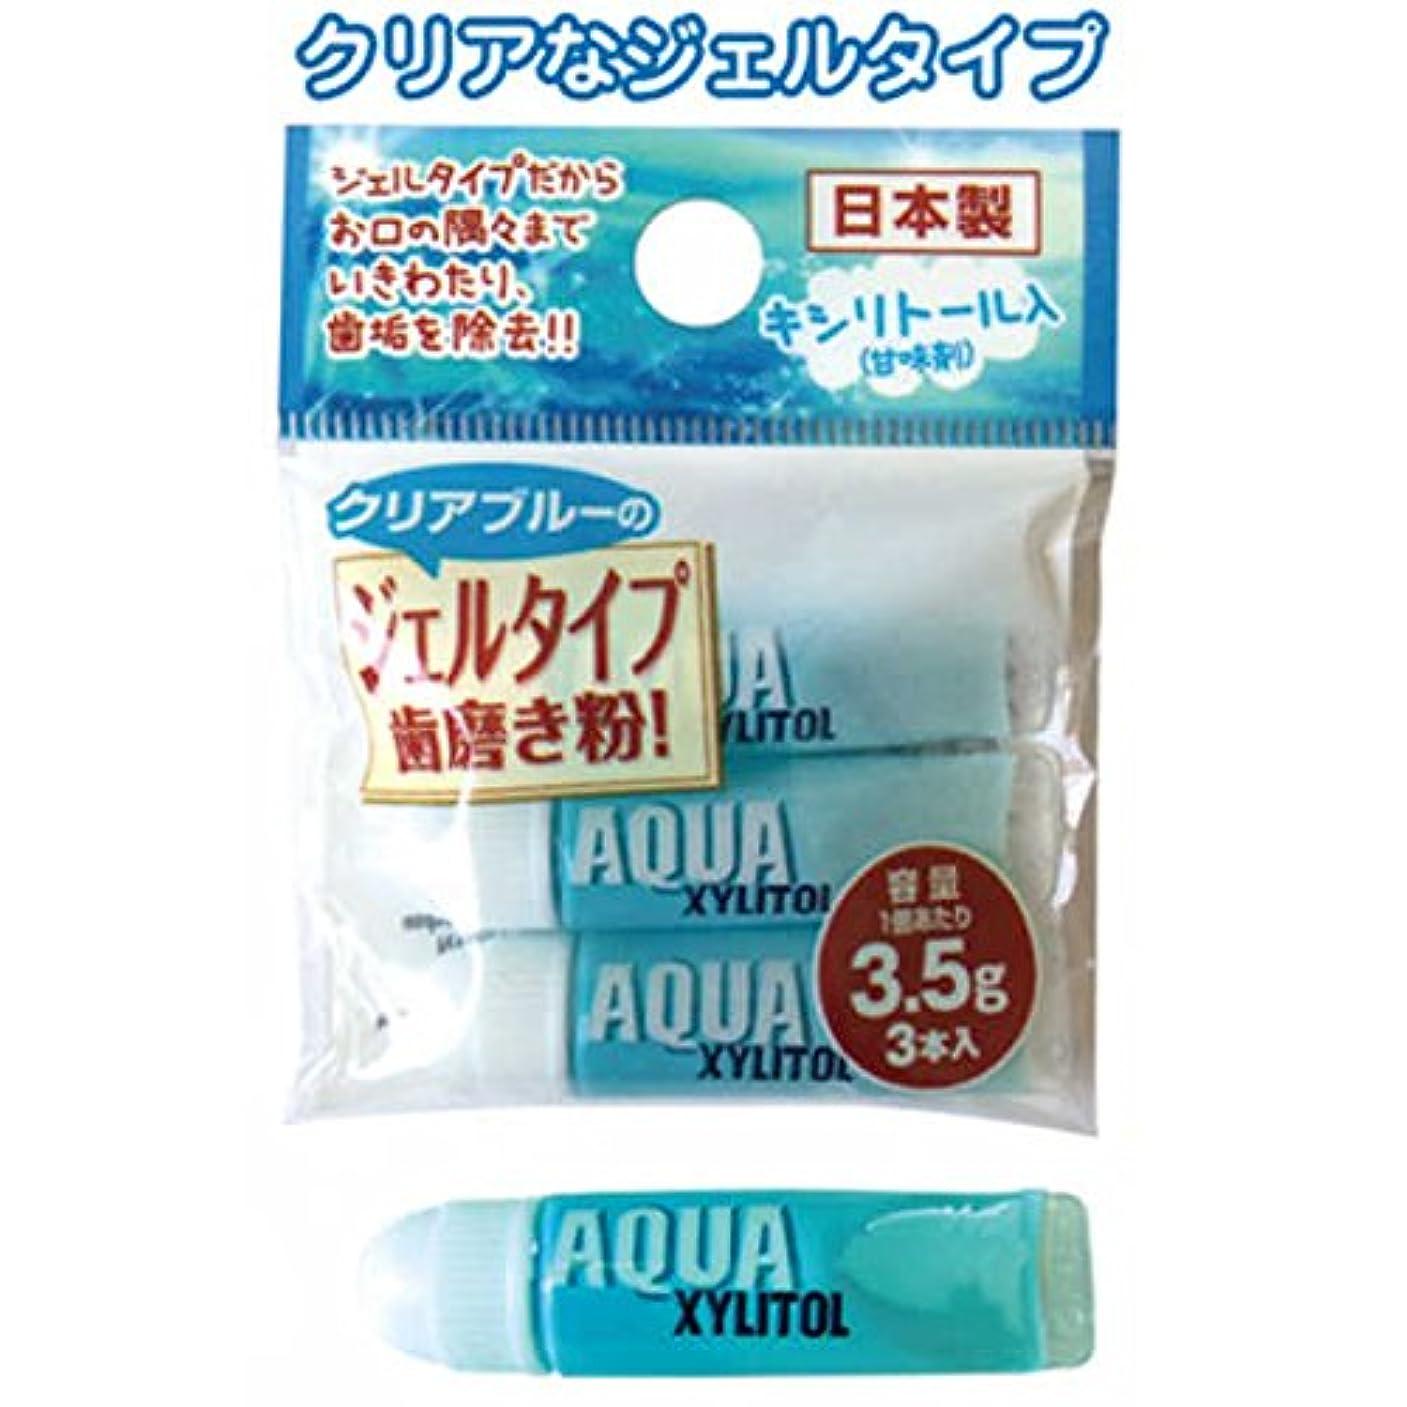 あいまい導入するミュウミュウデンタルジェル(3本入)日本製 japan 【まとめ買い12個セット】 41-083